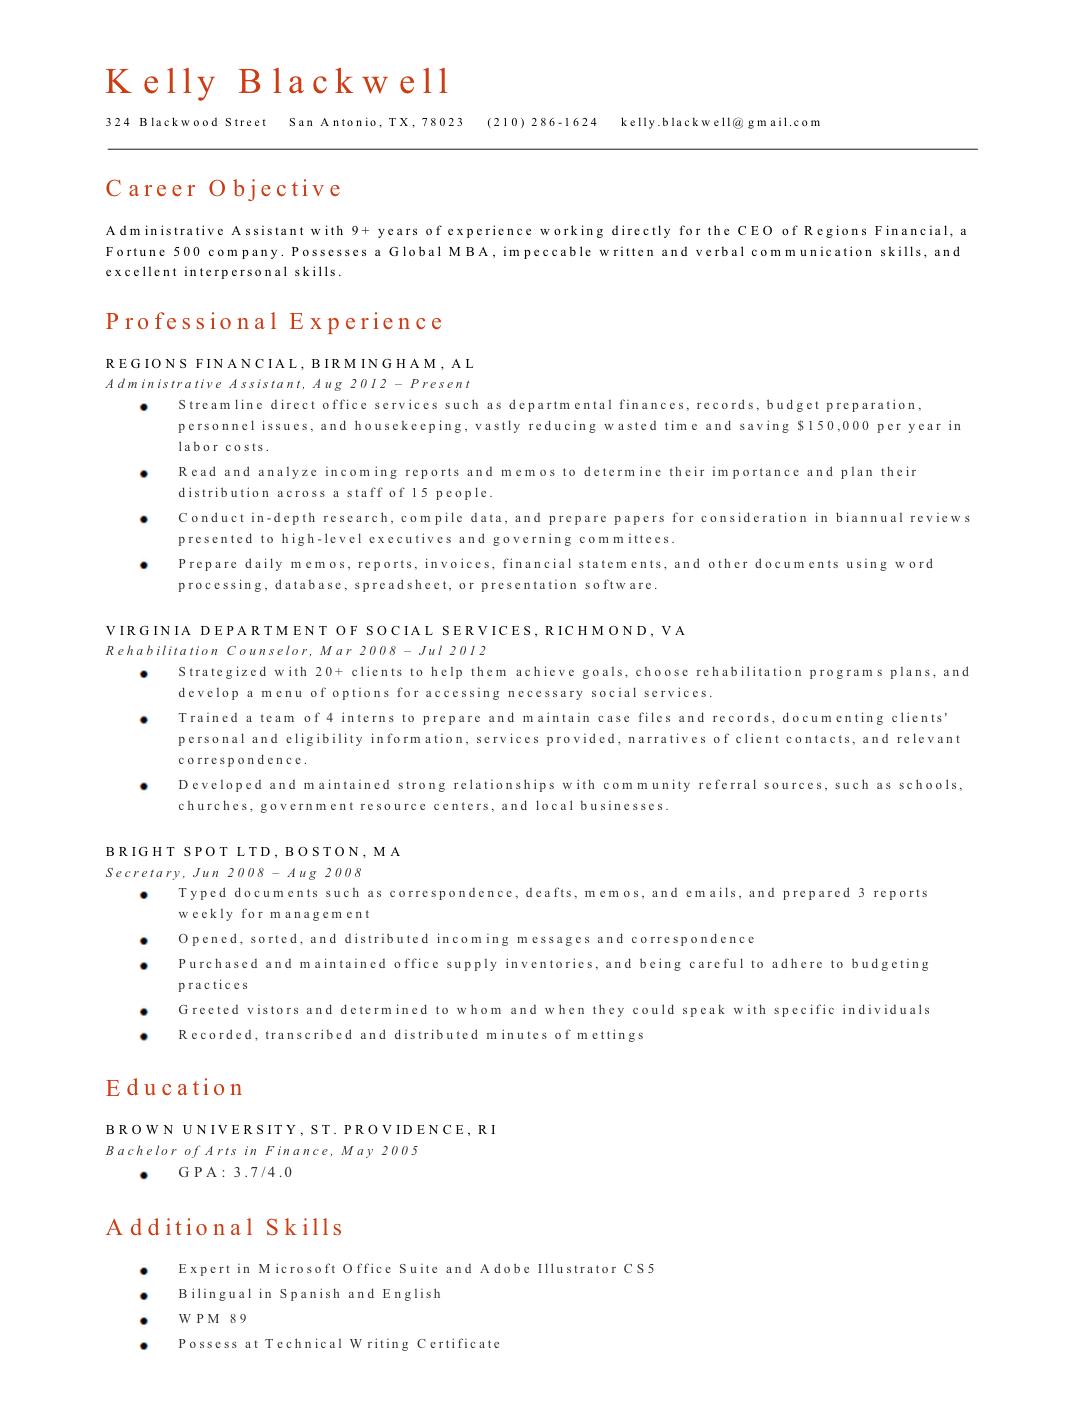 Resume Builder Resume builder, Resume, Business cards layout